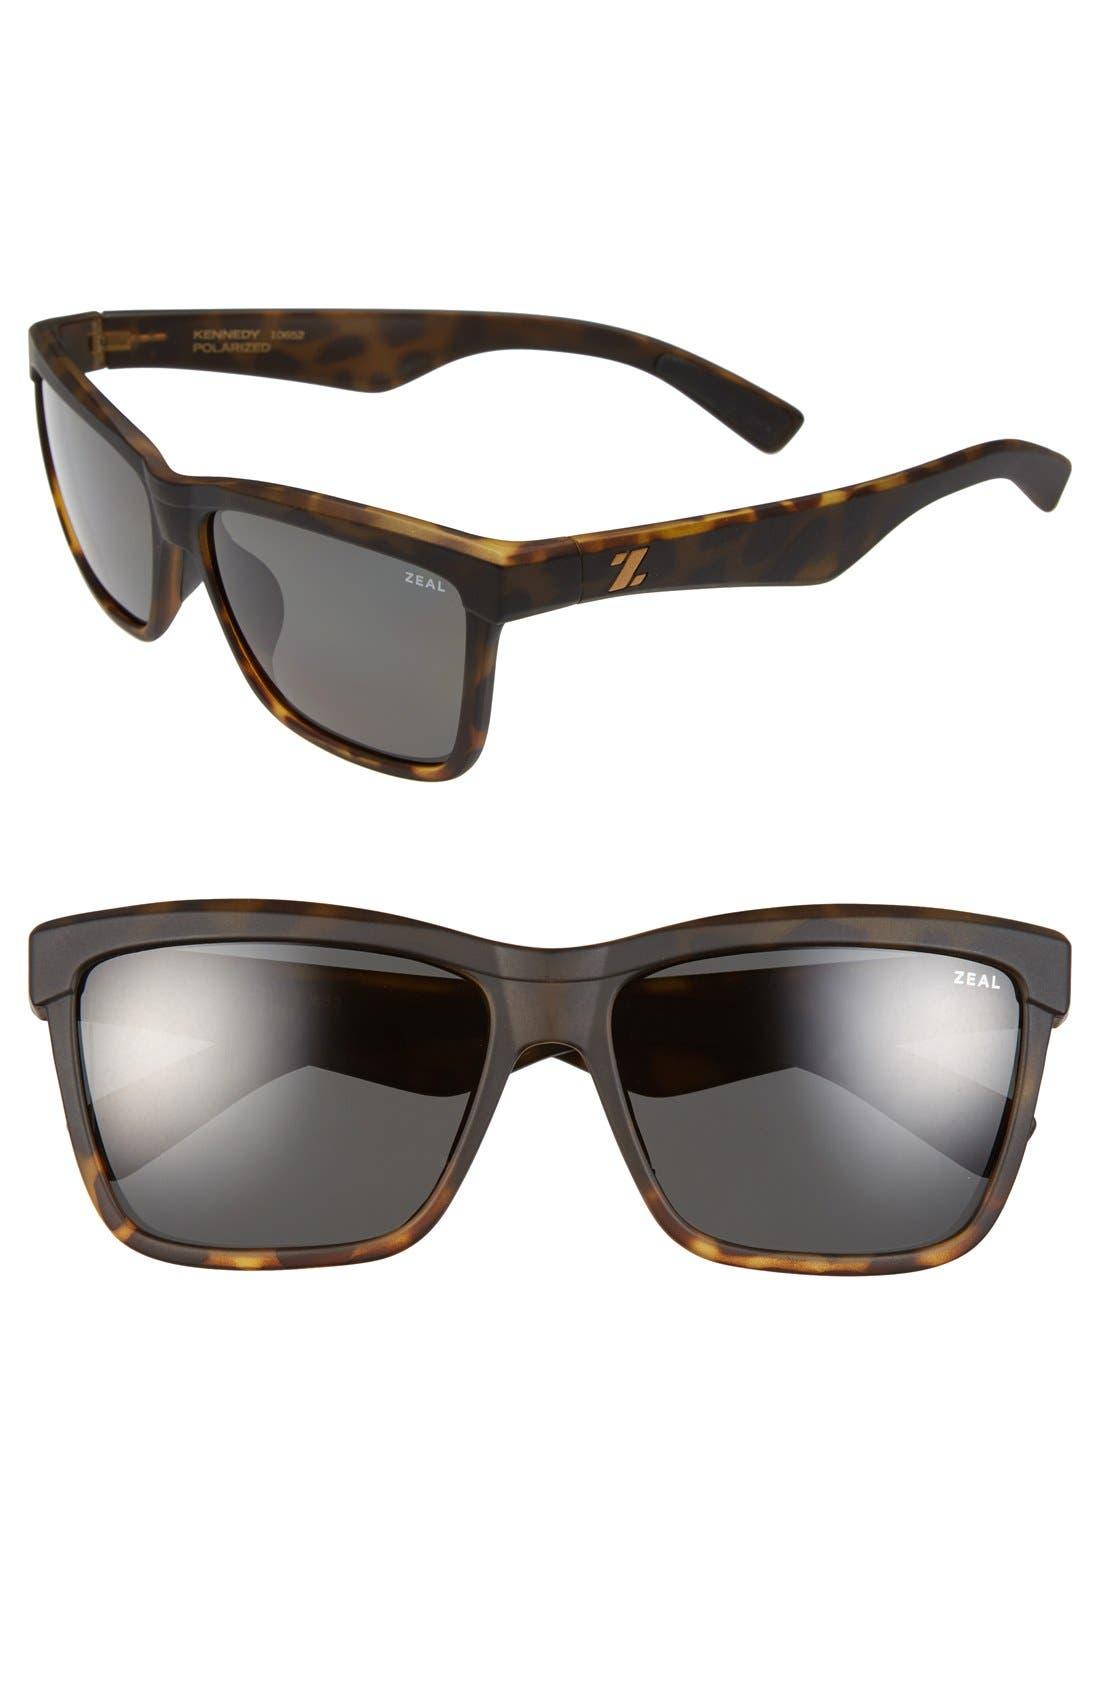 Alternate Image 1 Selected - Zeal Optics 'Kennedy' 56mm Polarized Plant Based Retro Sunglasses